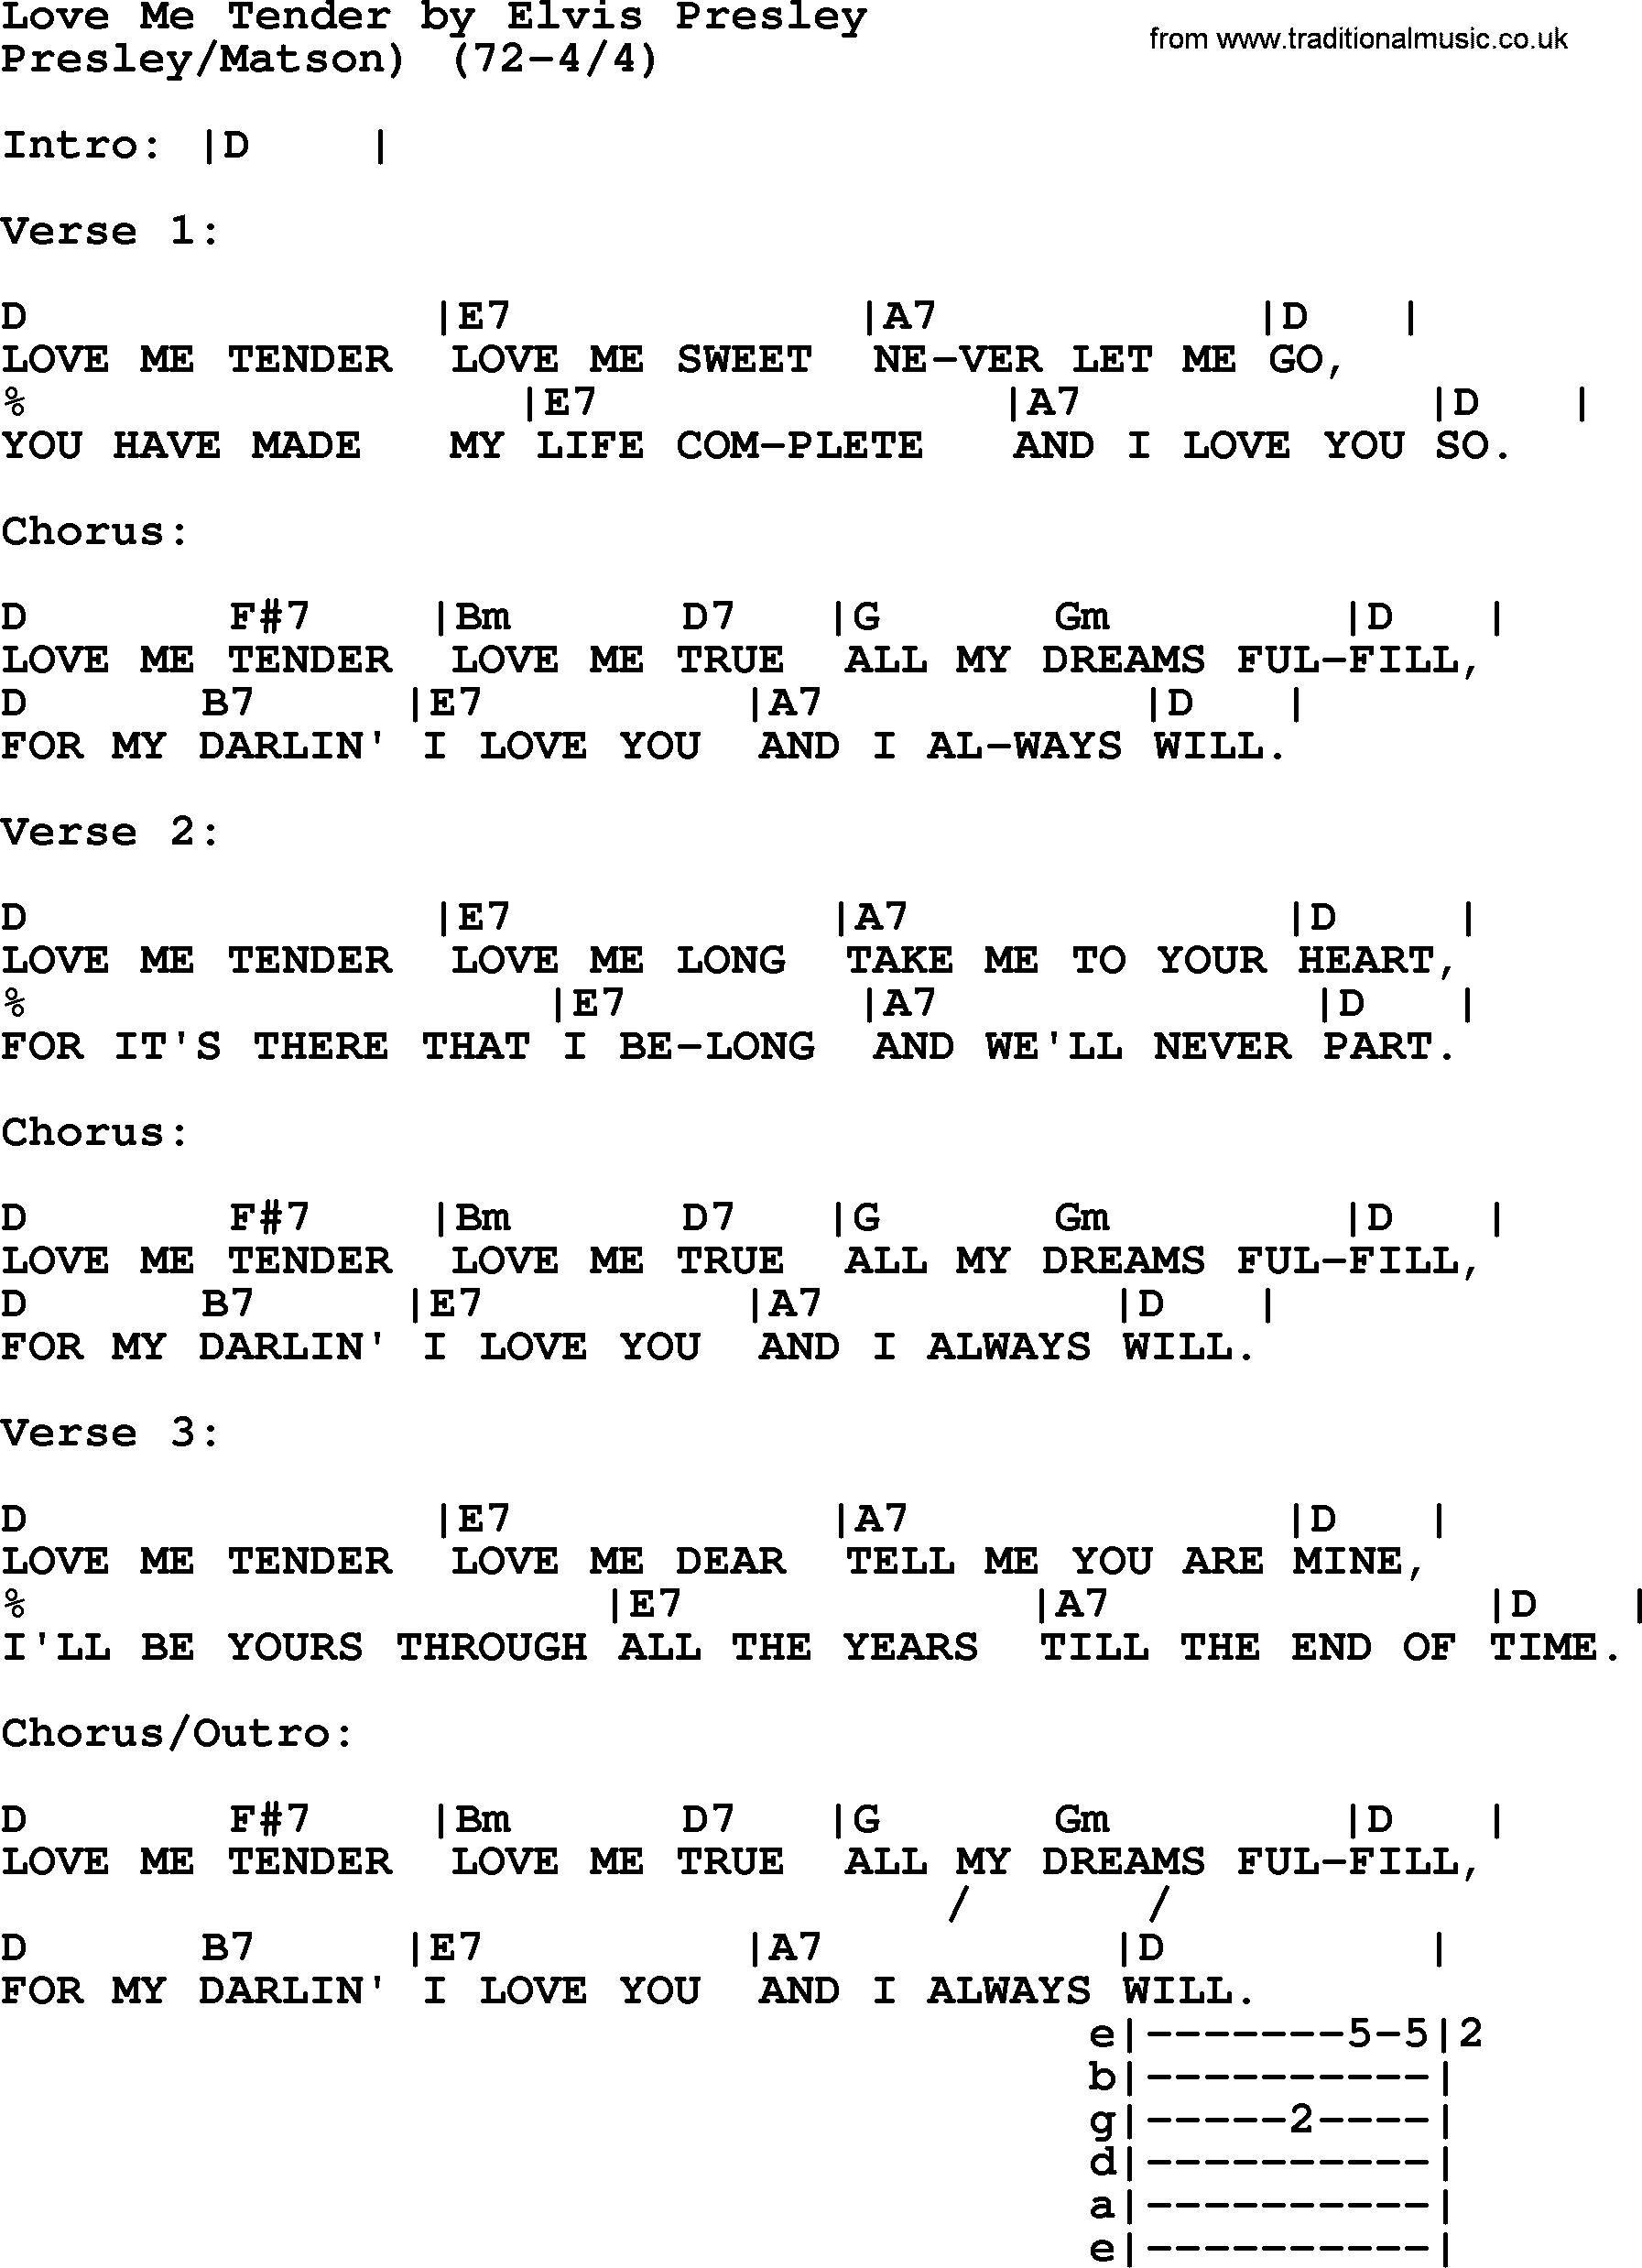 Love Me Tender By Elvis Presley Lyrics And Chords Music